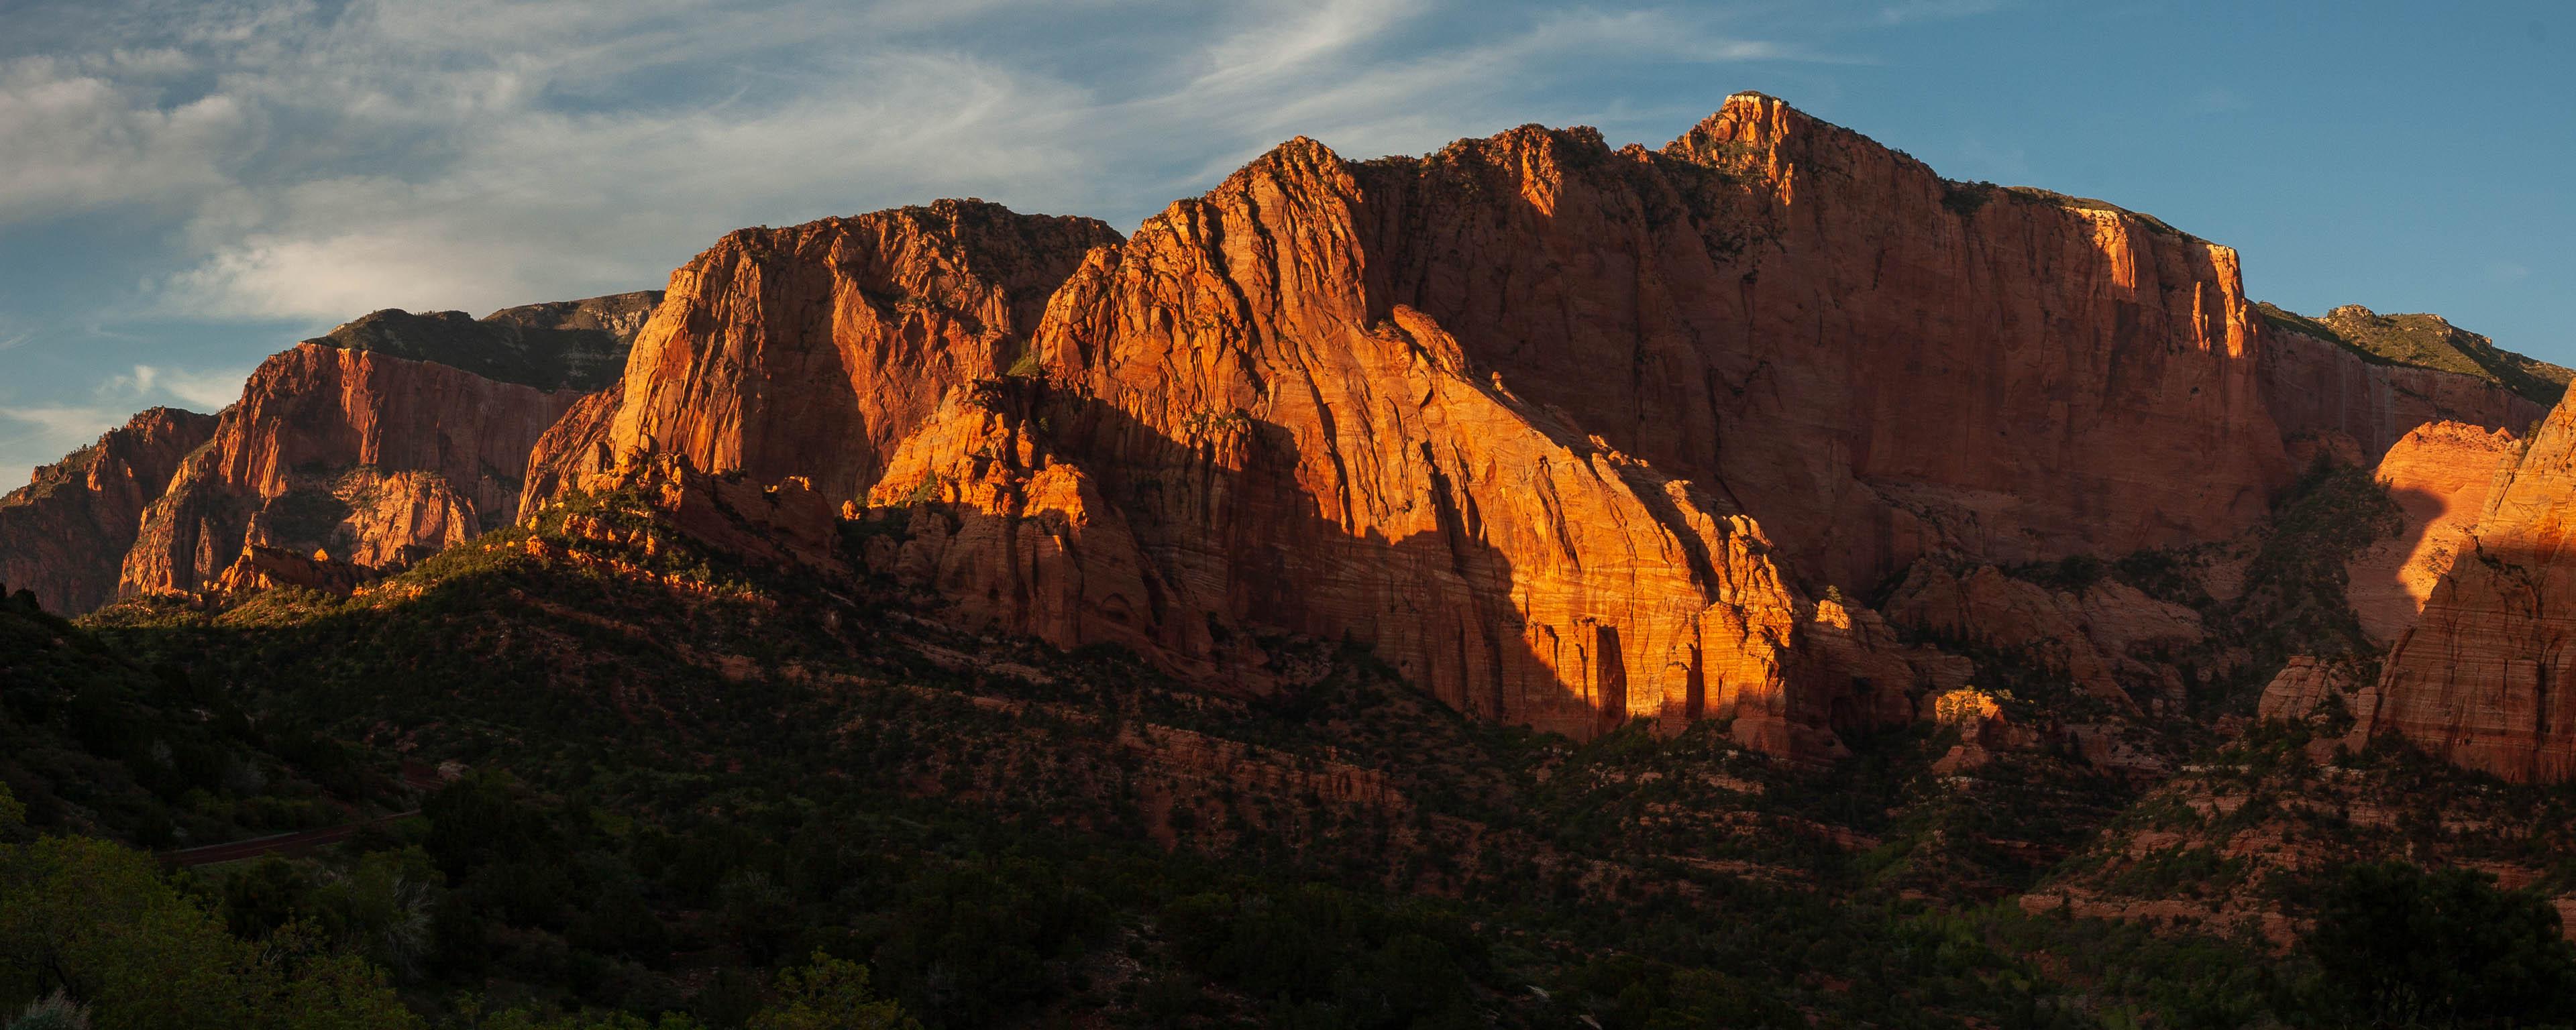 Kolob Canyons sunset